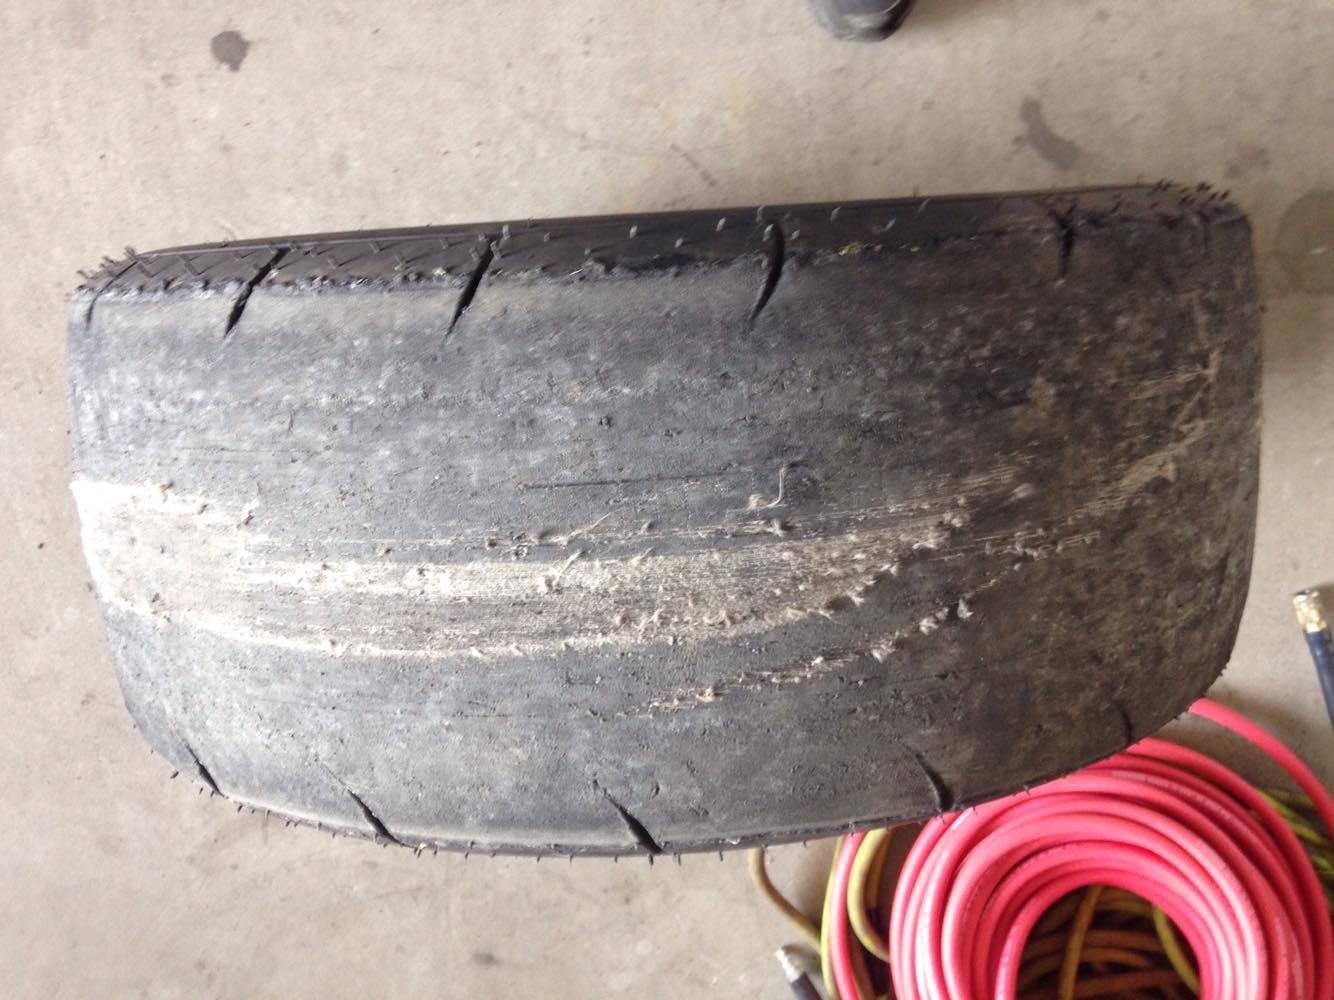 Oui monsieur, il était dû pour changer ces pneus !!!